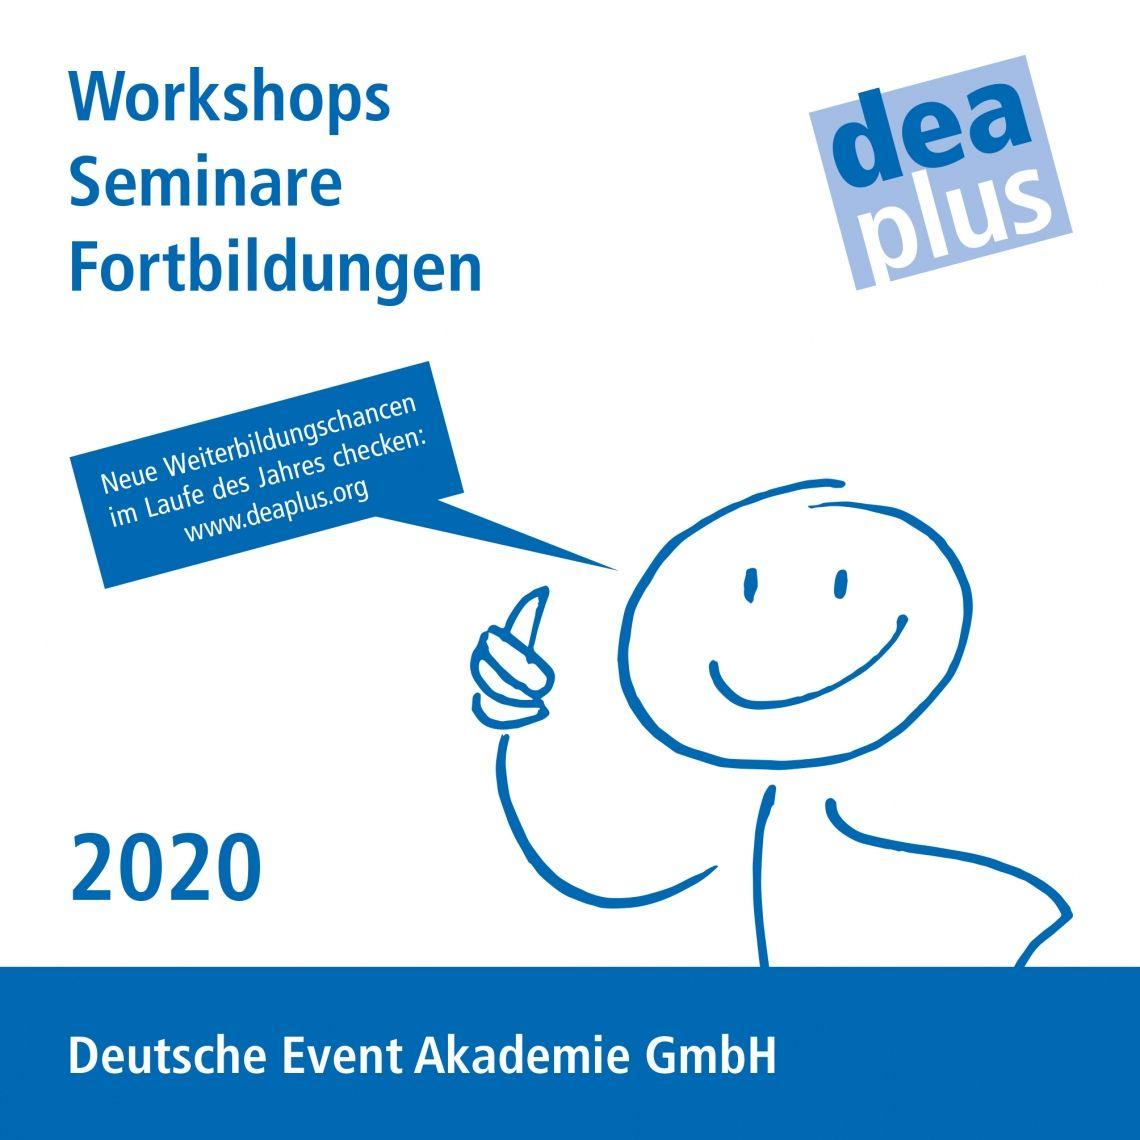 Weiterbildungschancen 2020 - DEAplus Programm jetzt online